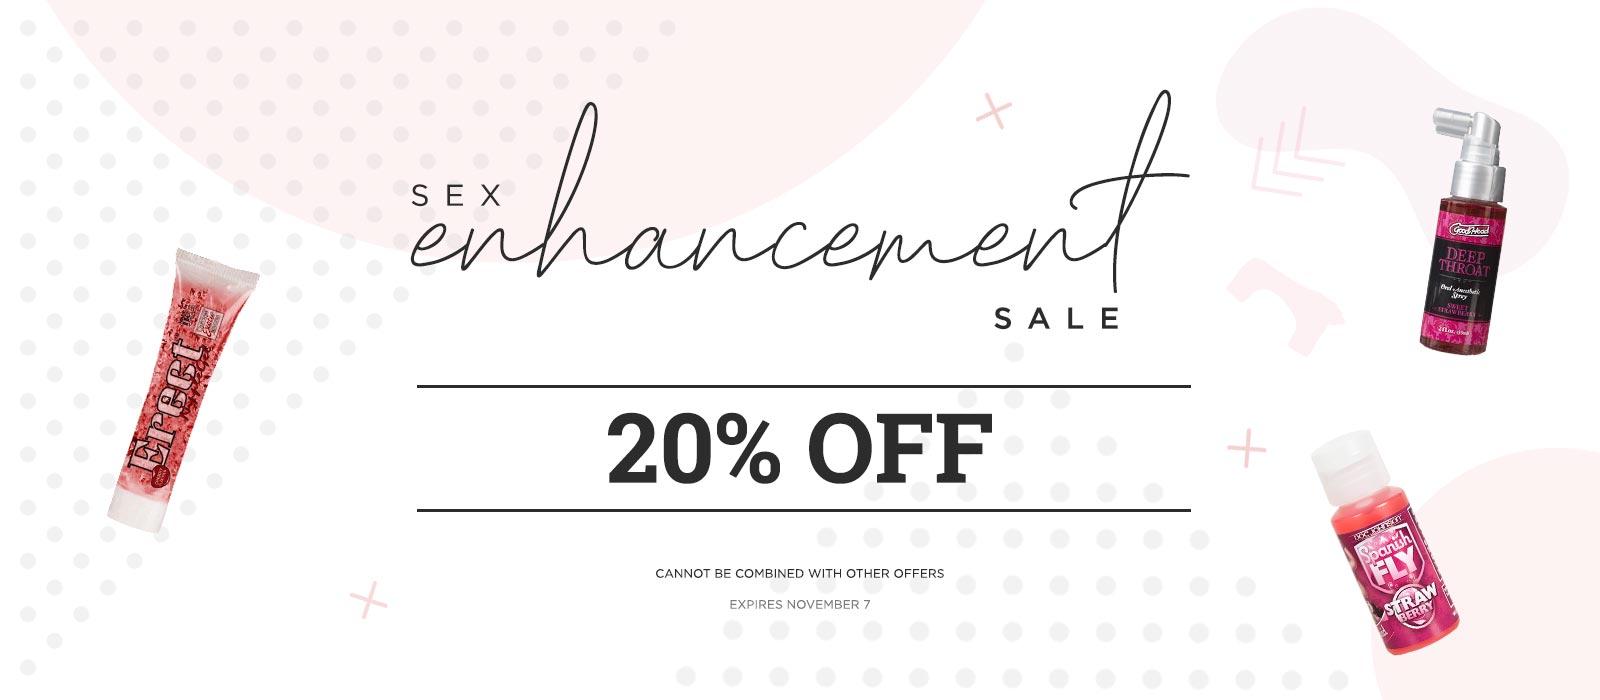 Sex Enchancement 20% Sale